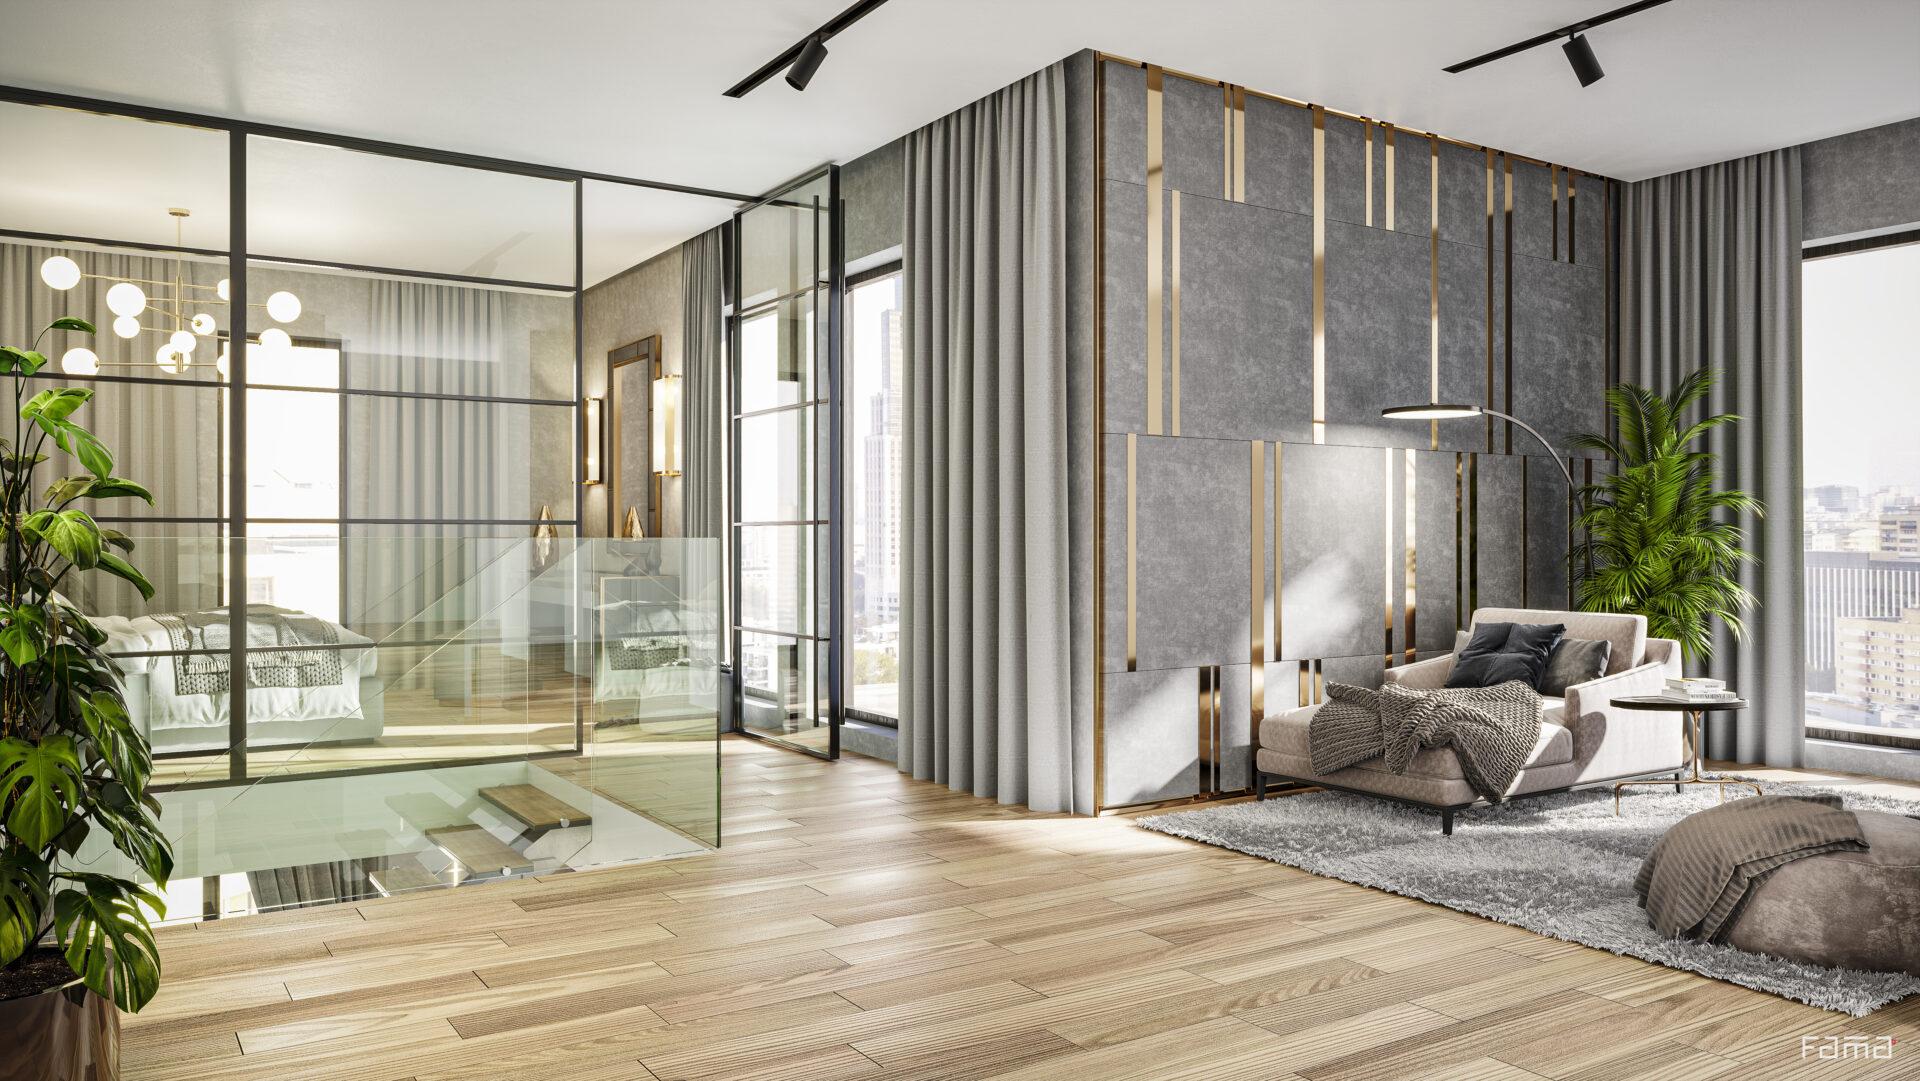 W Apartments - Wizualizacja poglądowa